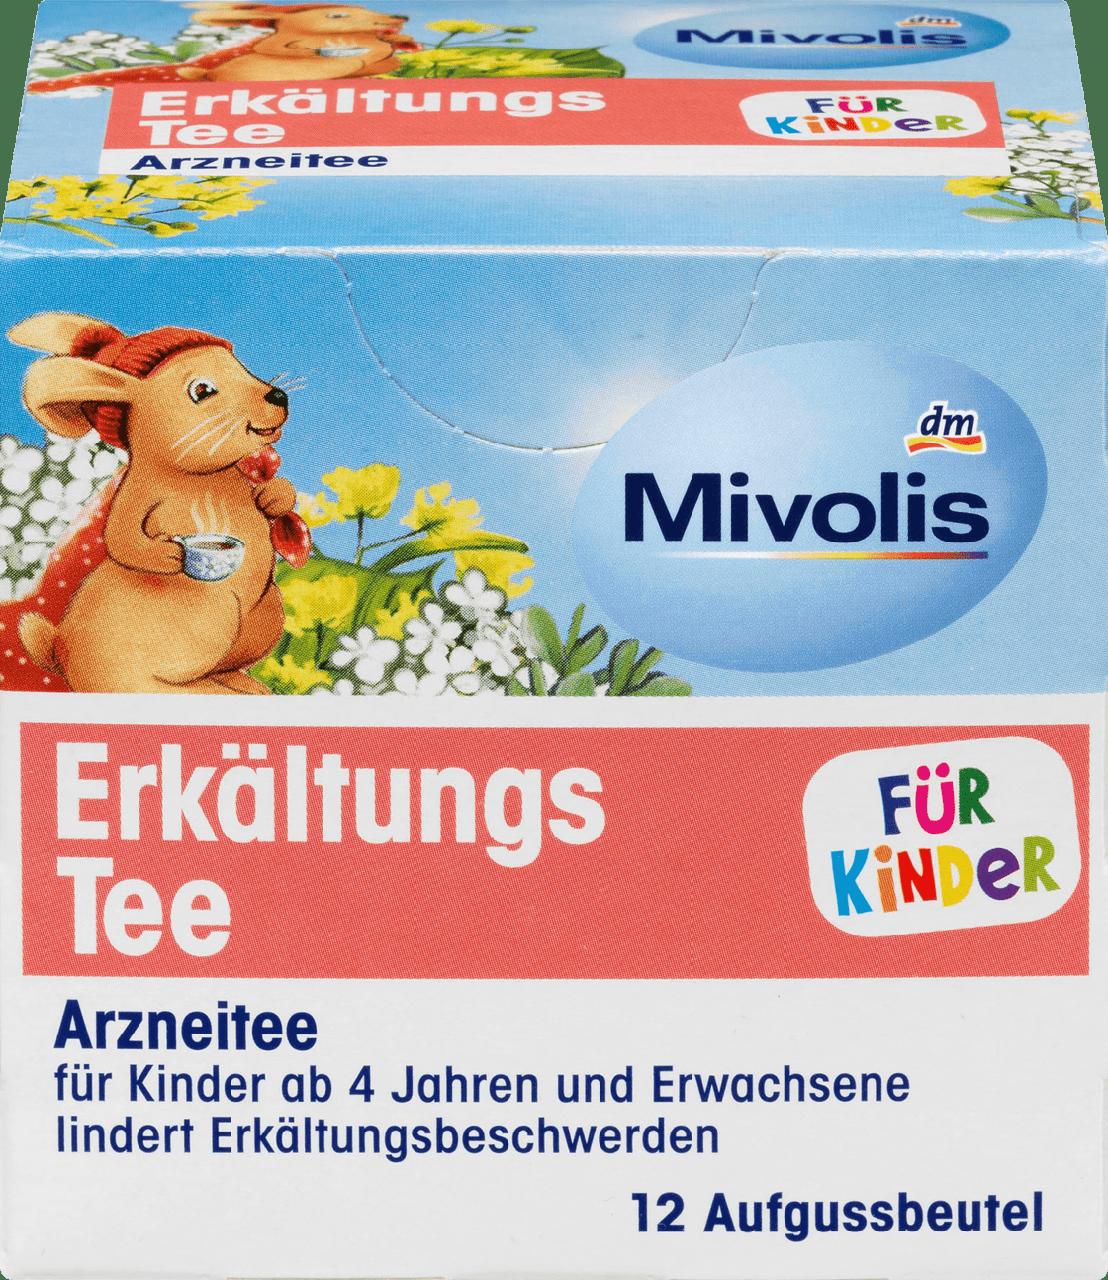 Лечебный чай от простуды для детей Mivolis Erkältungs-tee, 12 шт.